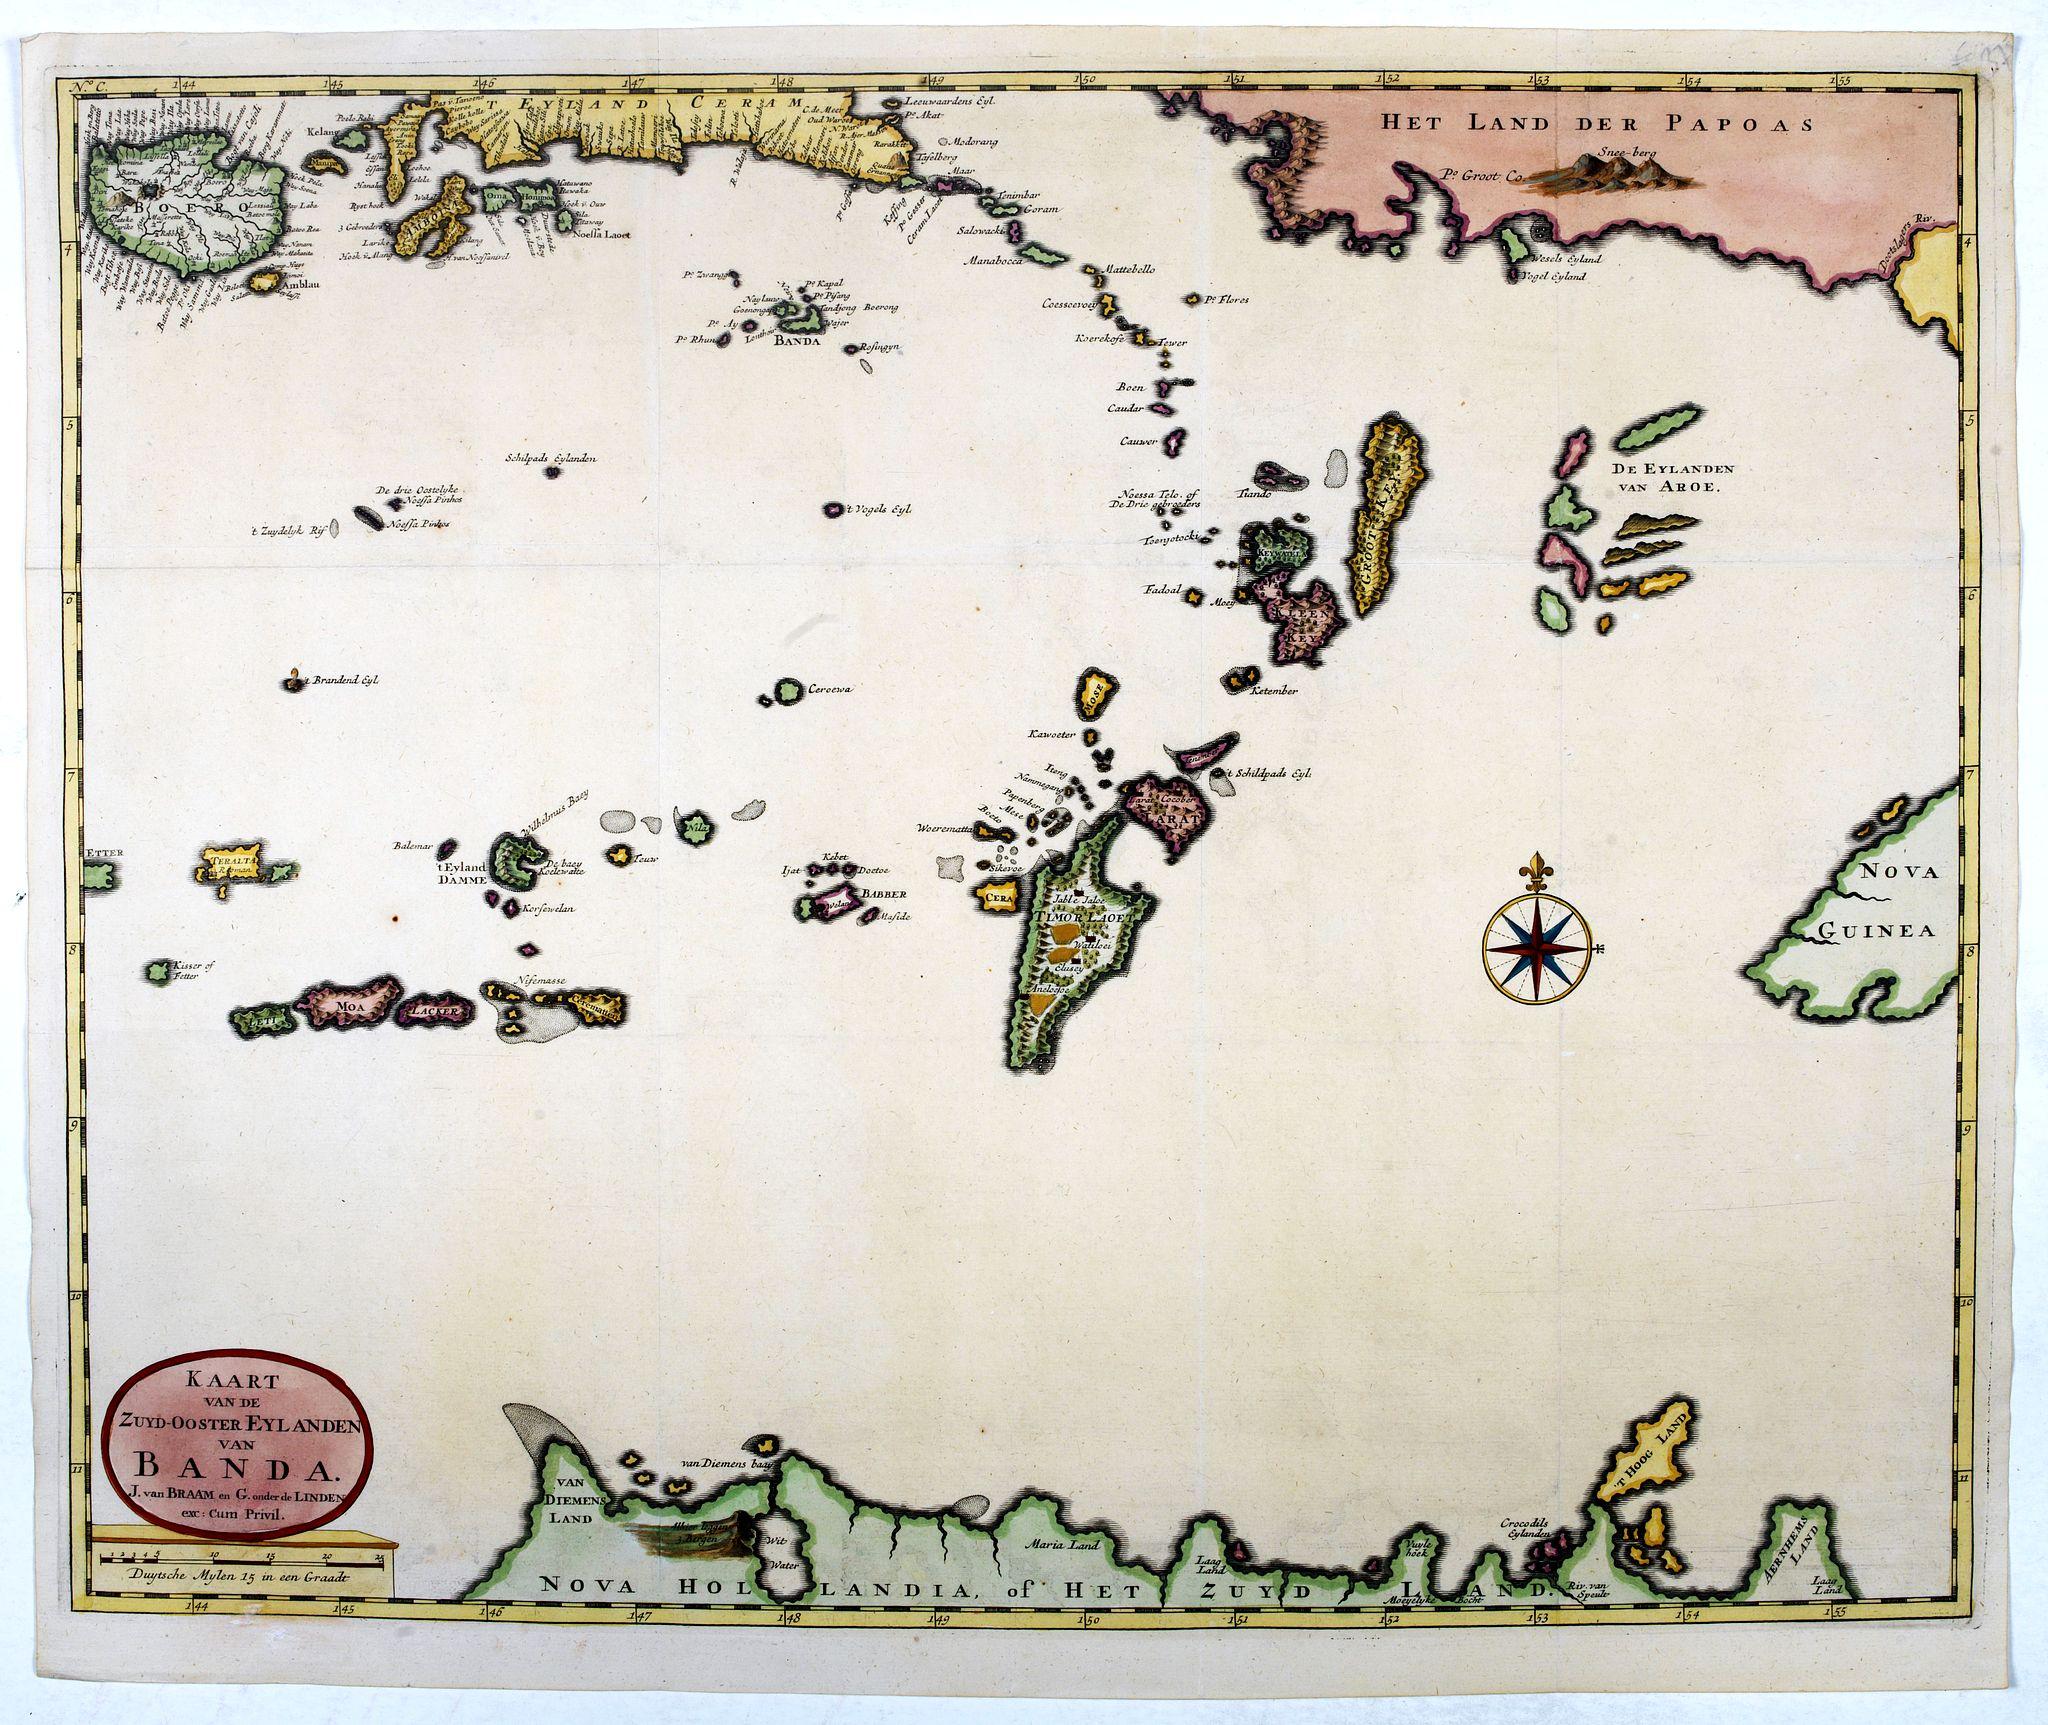 VALENTIJN, F. -  Kaart van de Zuyd-Ooster Eylanden van Banda.